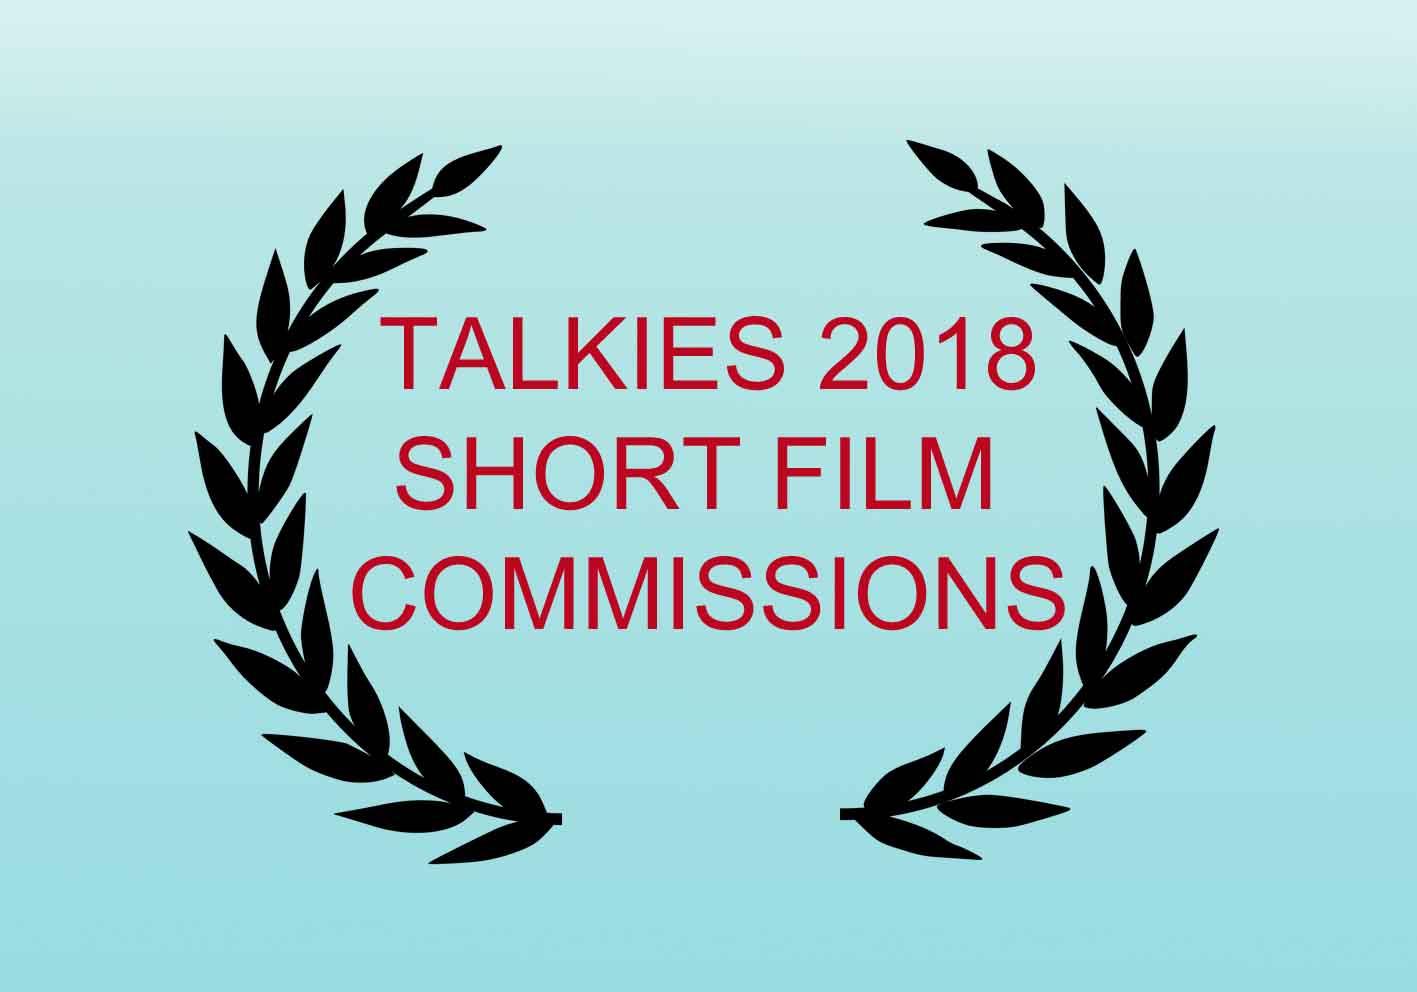 TALKIES SHORT FILM AWARDS 2018